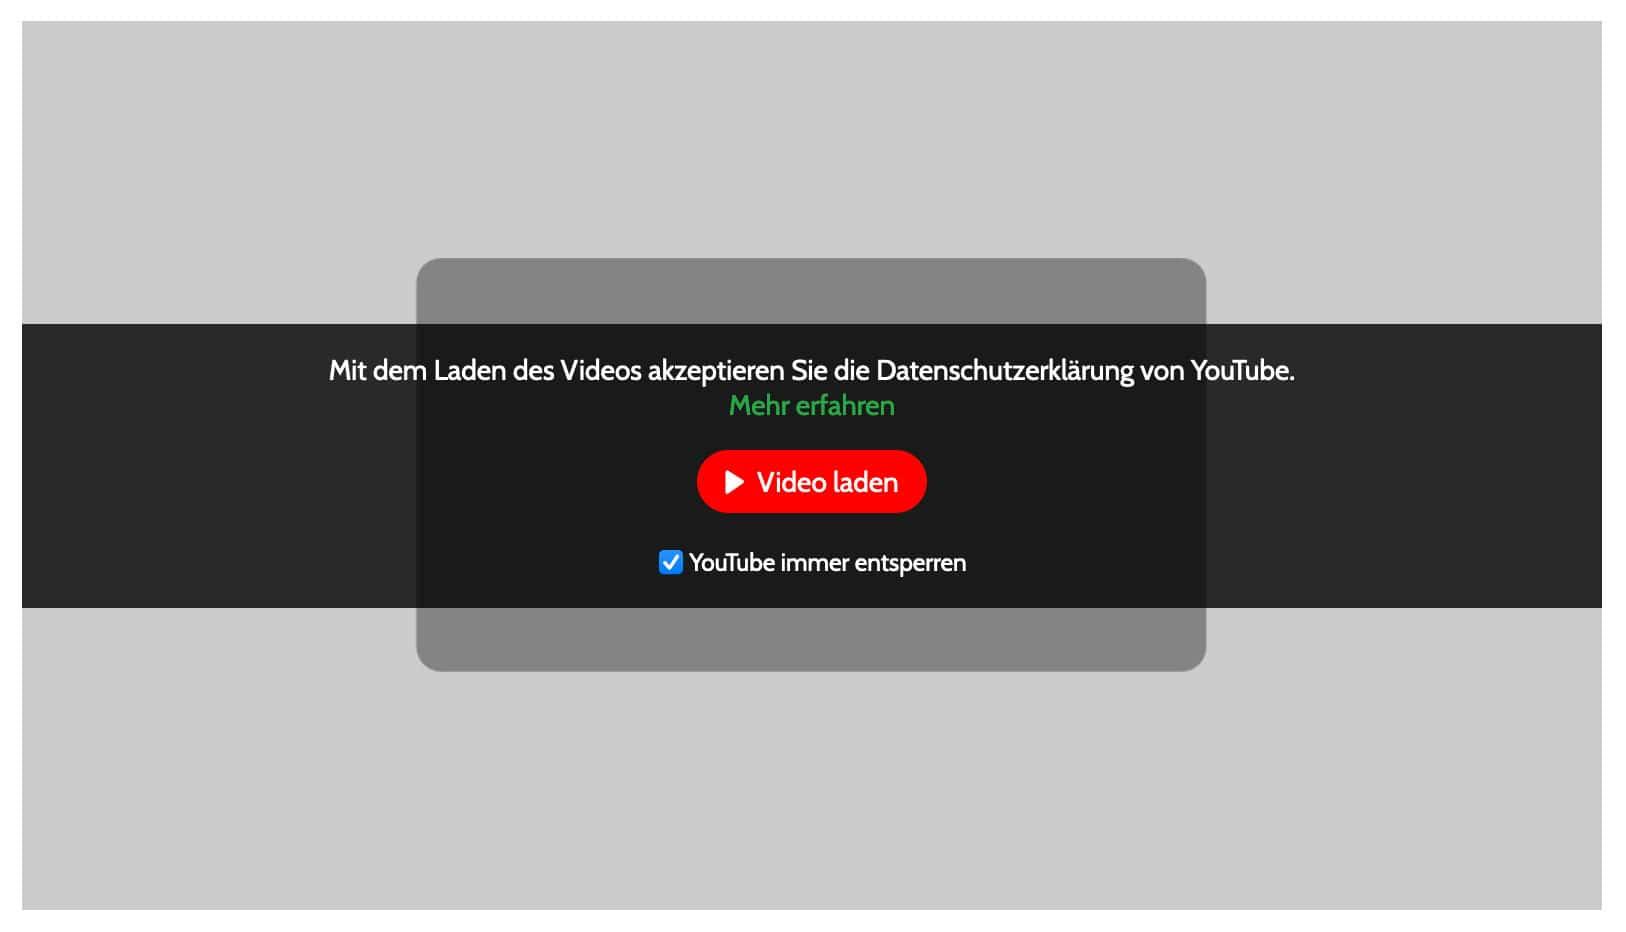 Du kannst mit speziellen Plugins Youtube Videos erst laden, wenn Nutzer dem zugestimmt haben